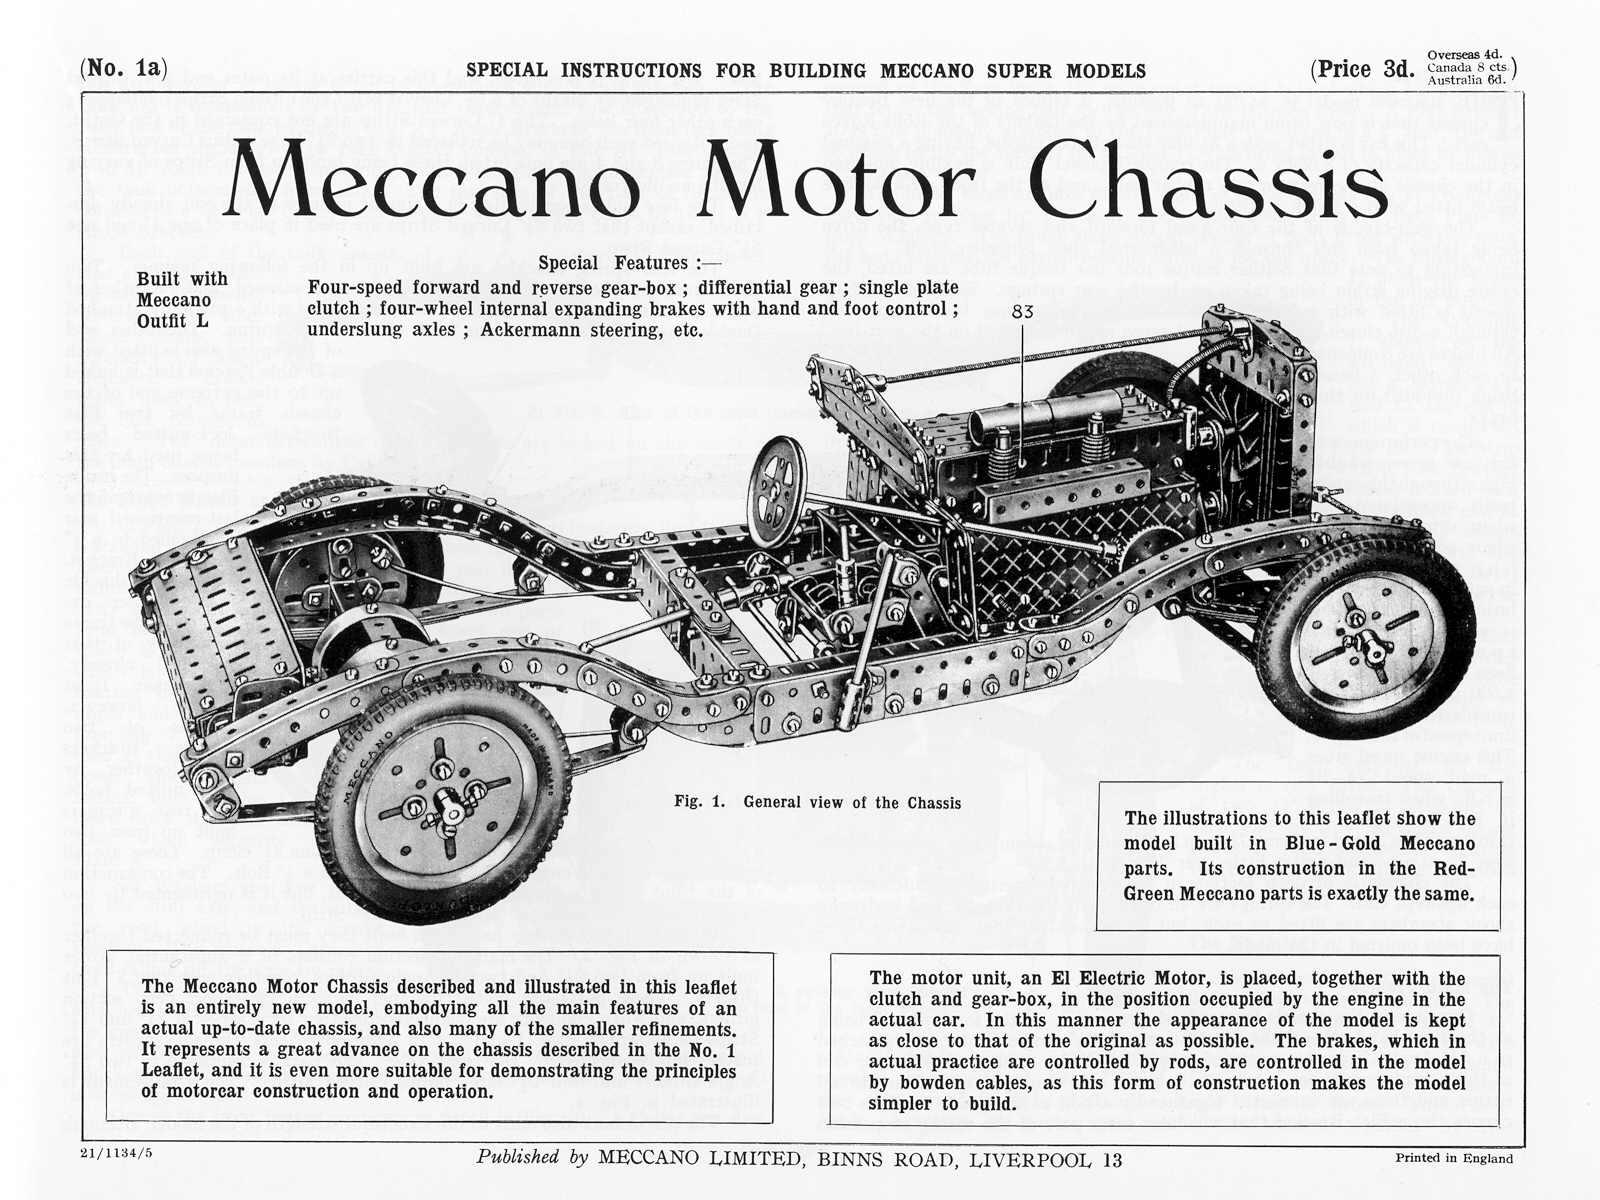 Meccano Super Models